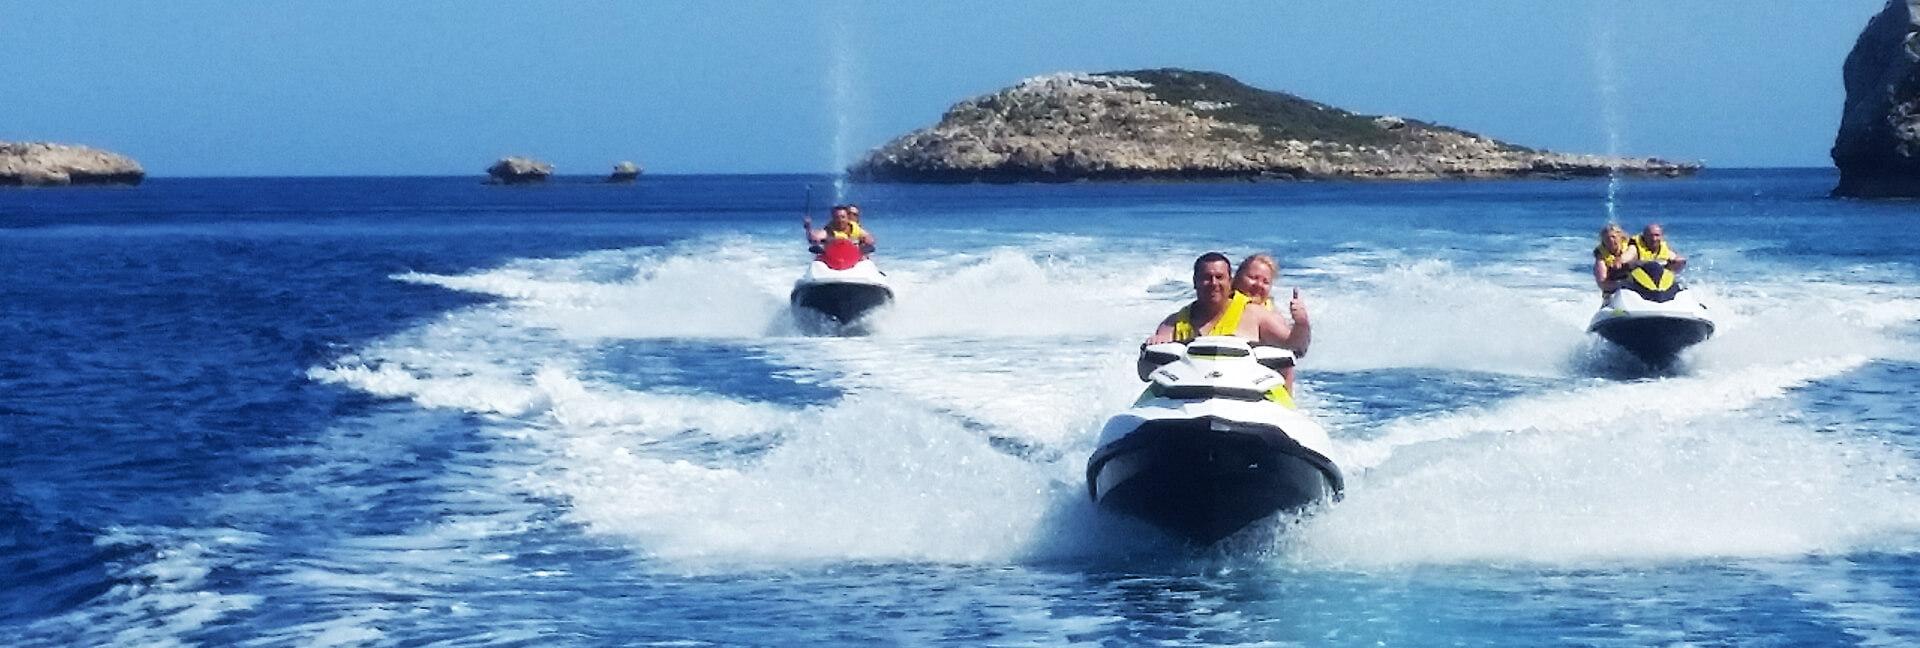 Safari Jet Ski - Rodos Water Sports Action